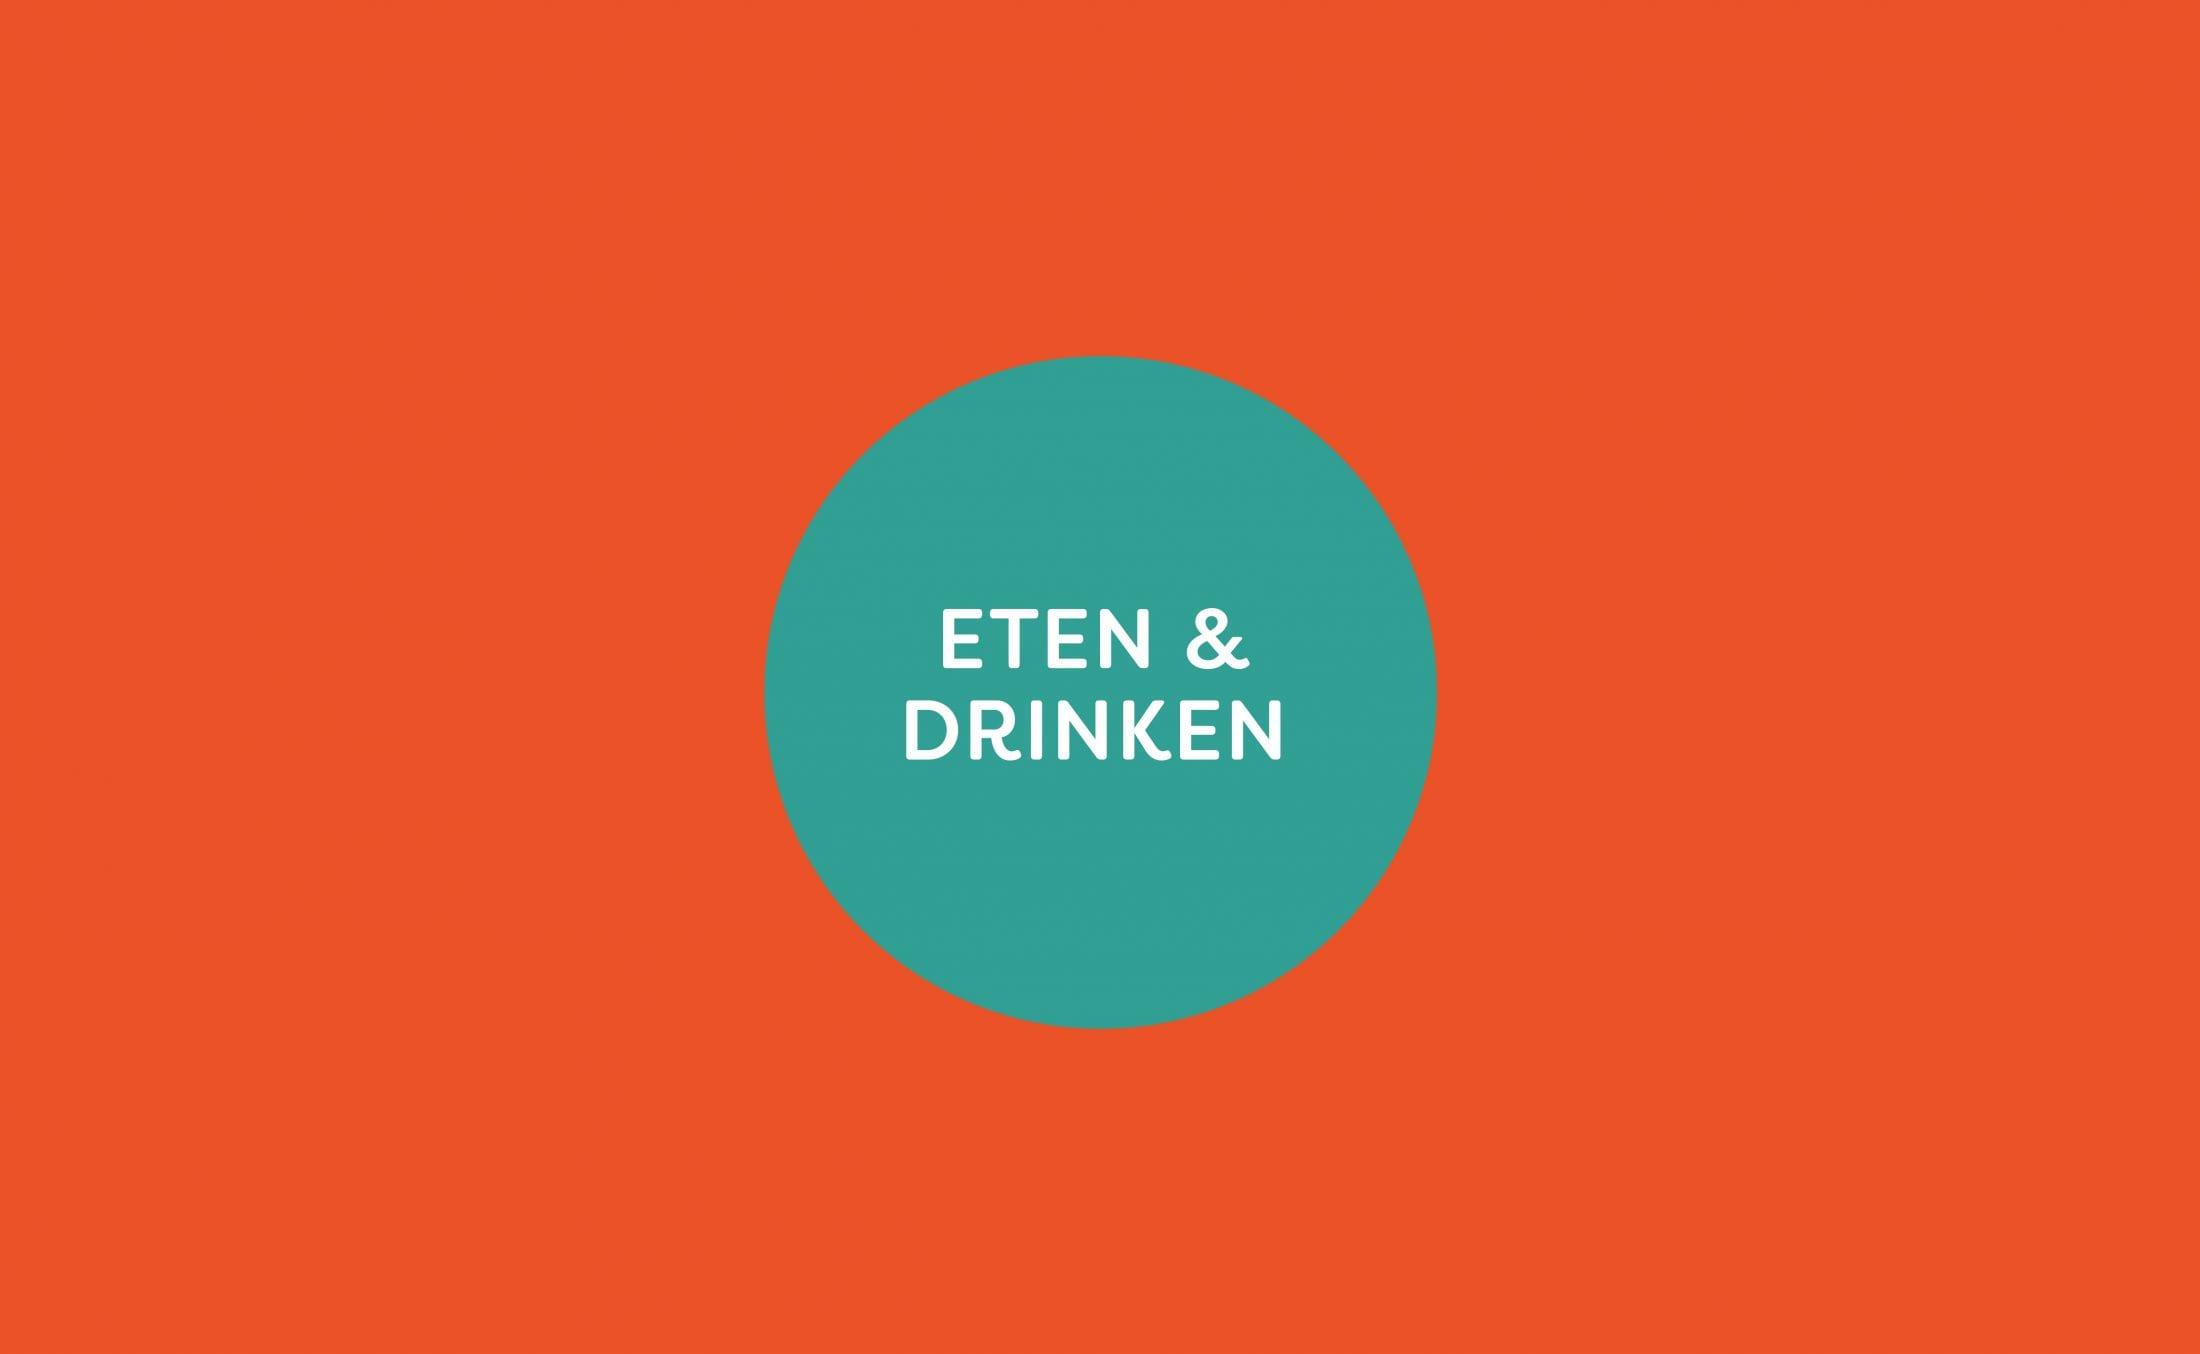 eten-en-drinken